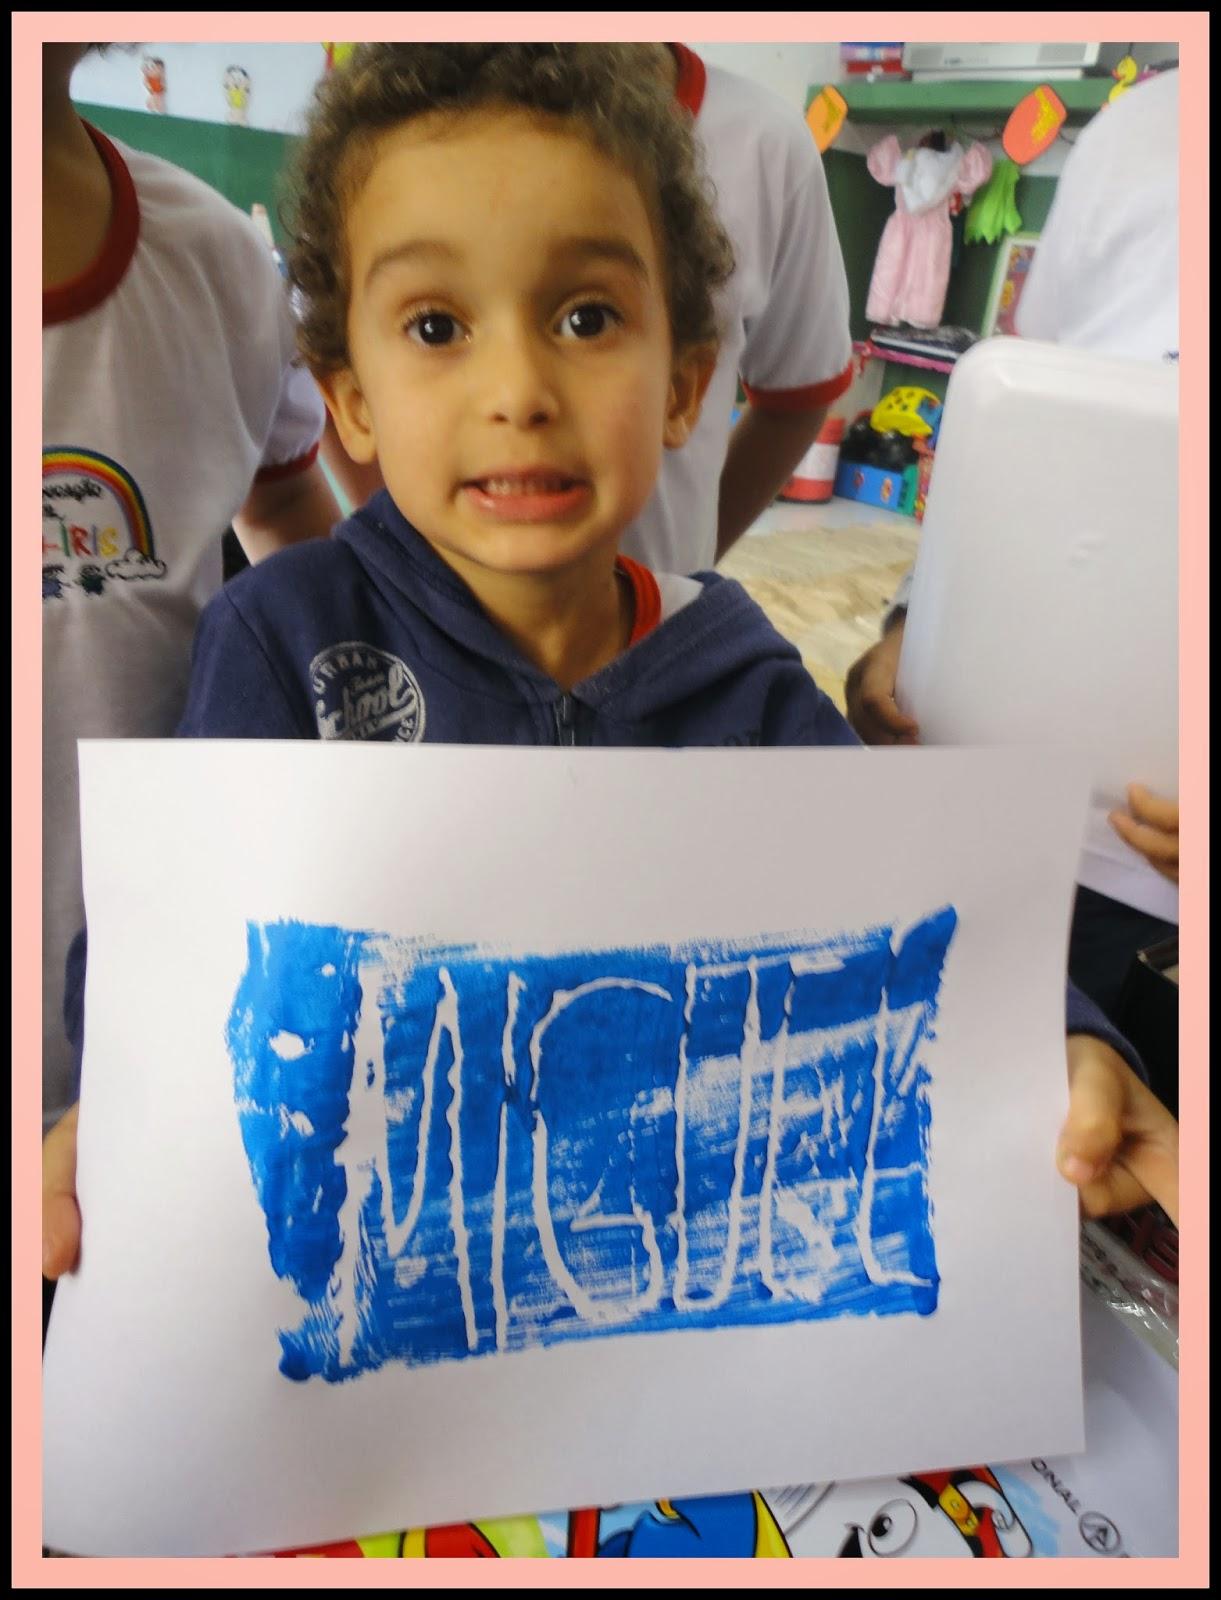 CENTRO DE EDUCAÇÃO INFANTIL ARCO ÍRIS: PROJETO: DESCOBRINDO O  #094492 1221 1600